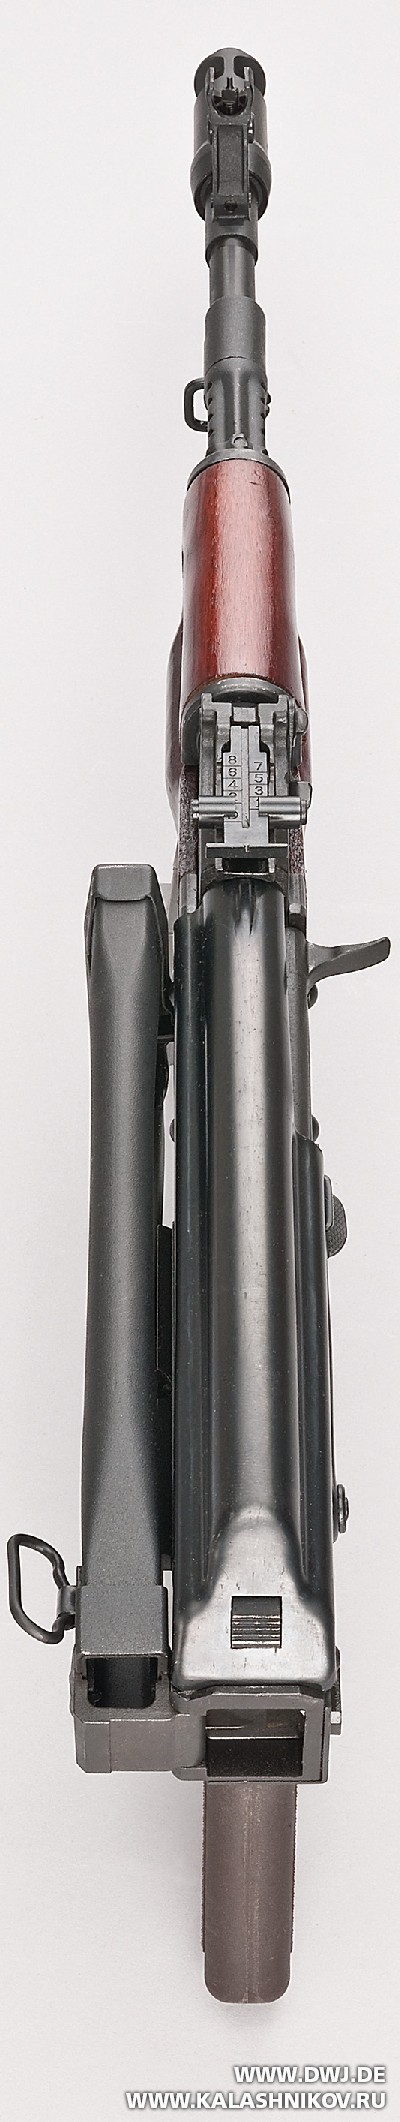 Автомат АК-103 отSDM вид сверху